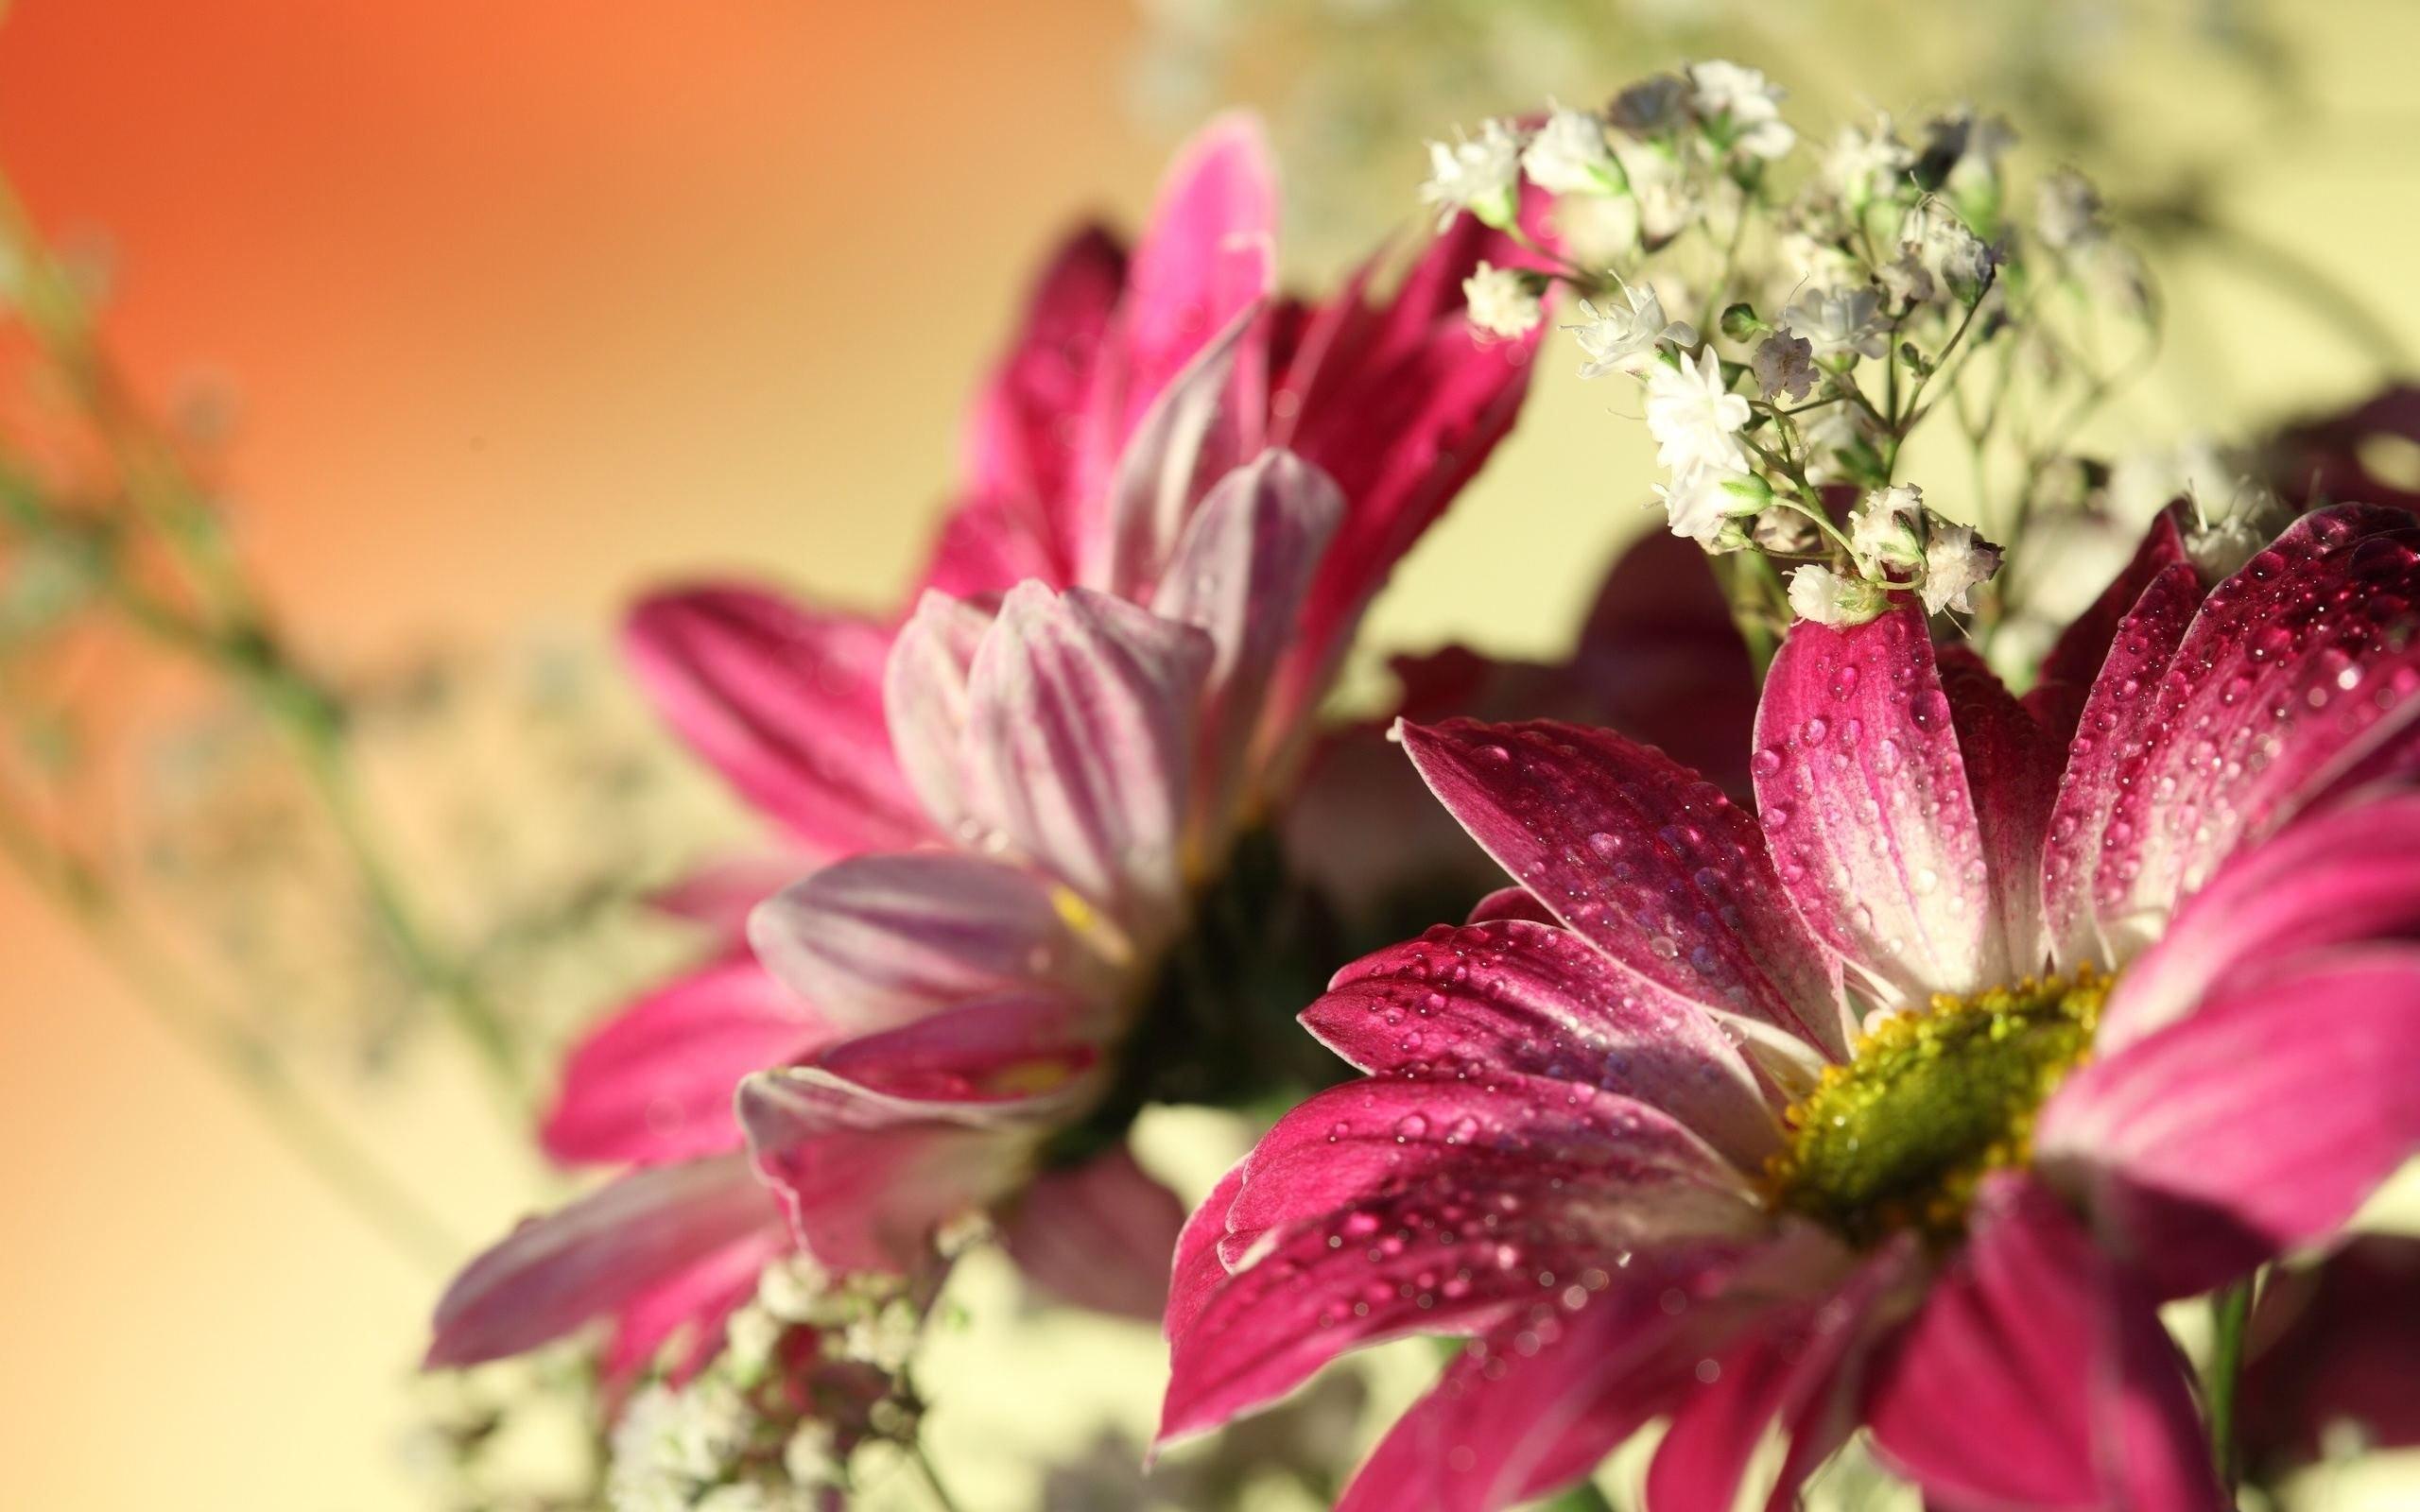 Flores con lente macro - 2560x1600